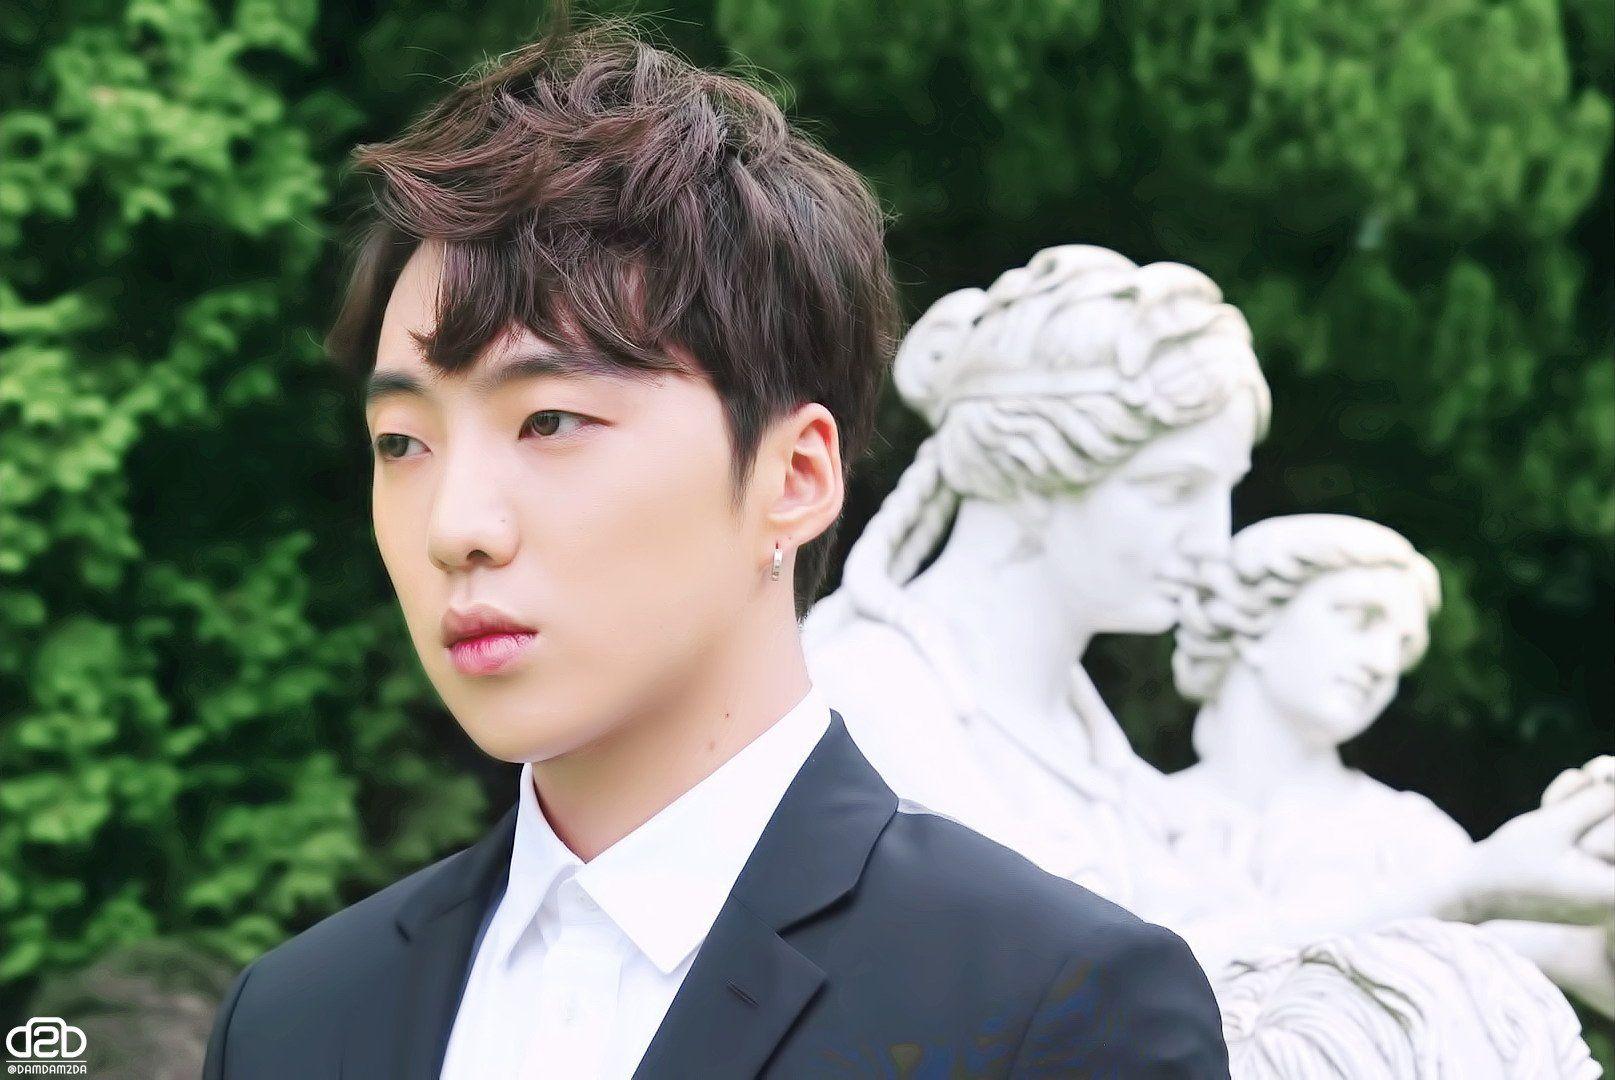 """담담이 on Twitter: """"항상 그렇지만 승윤이는 애기에서 소년, 남자까지 다양한 분위기가 다양하게 풍겨서 좋다 #강승윤 #seungyoon #위너 #승윤 https://t.co/4T8nZOouiX https://t.co/BmLkdZvzS6"""""""